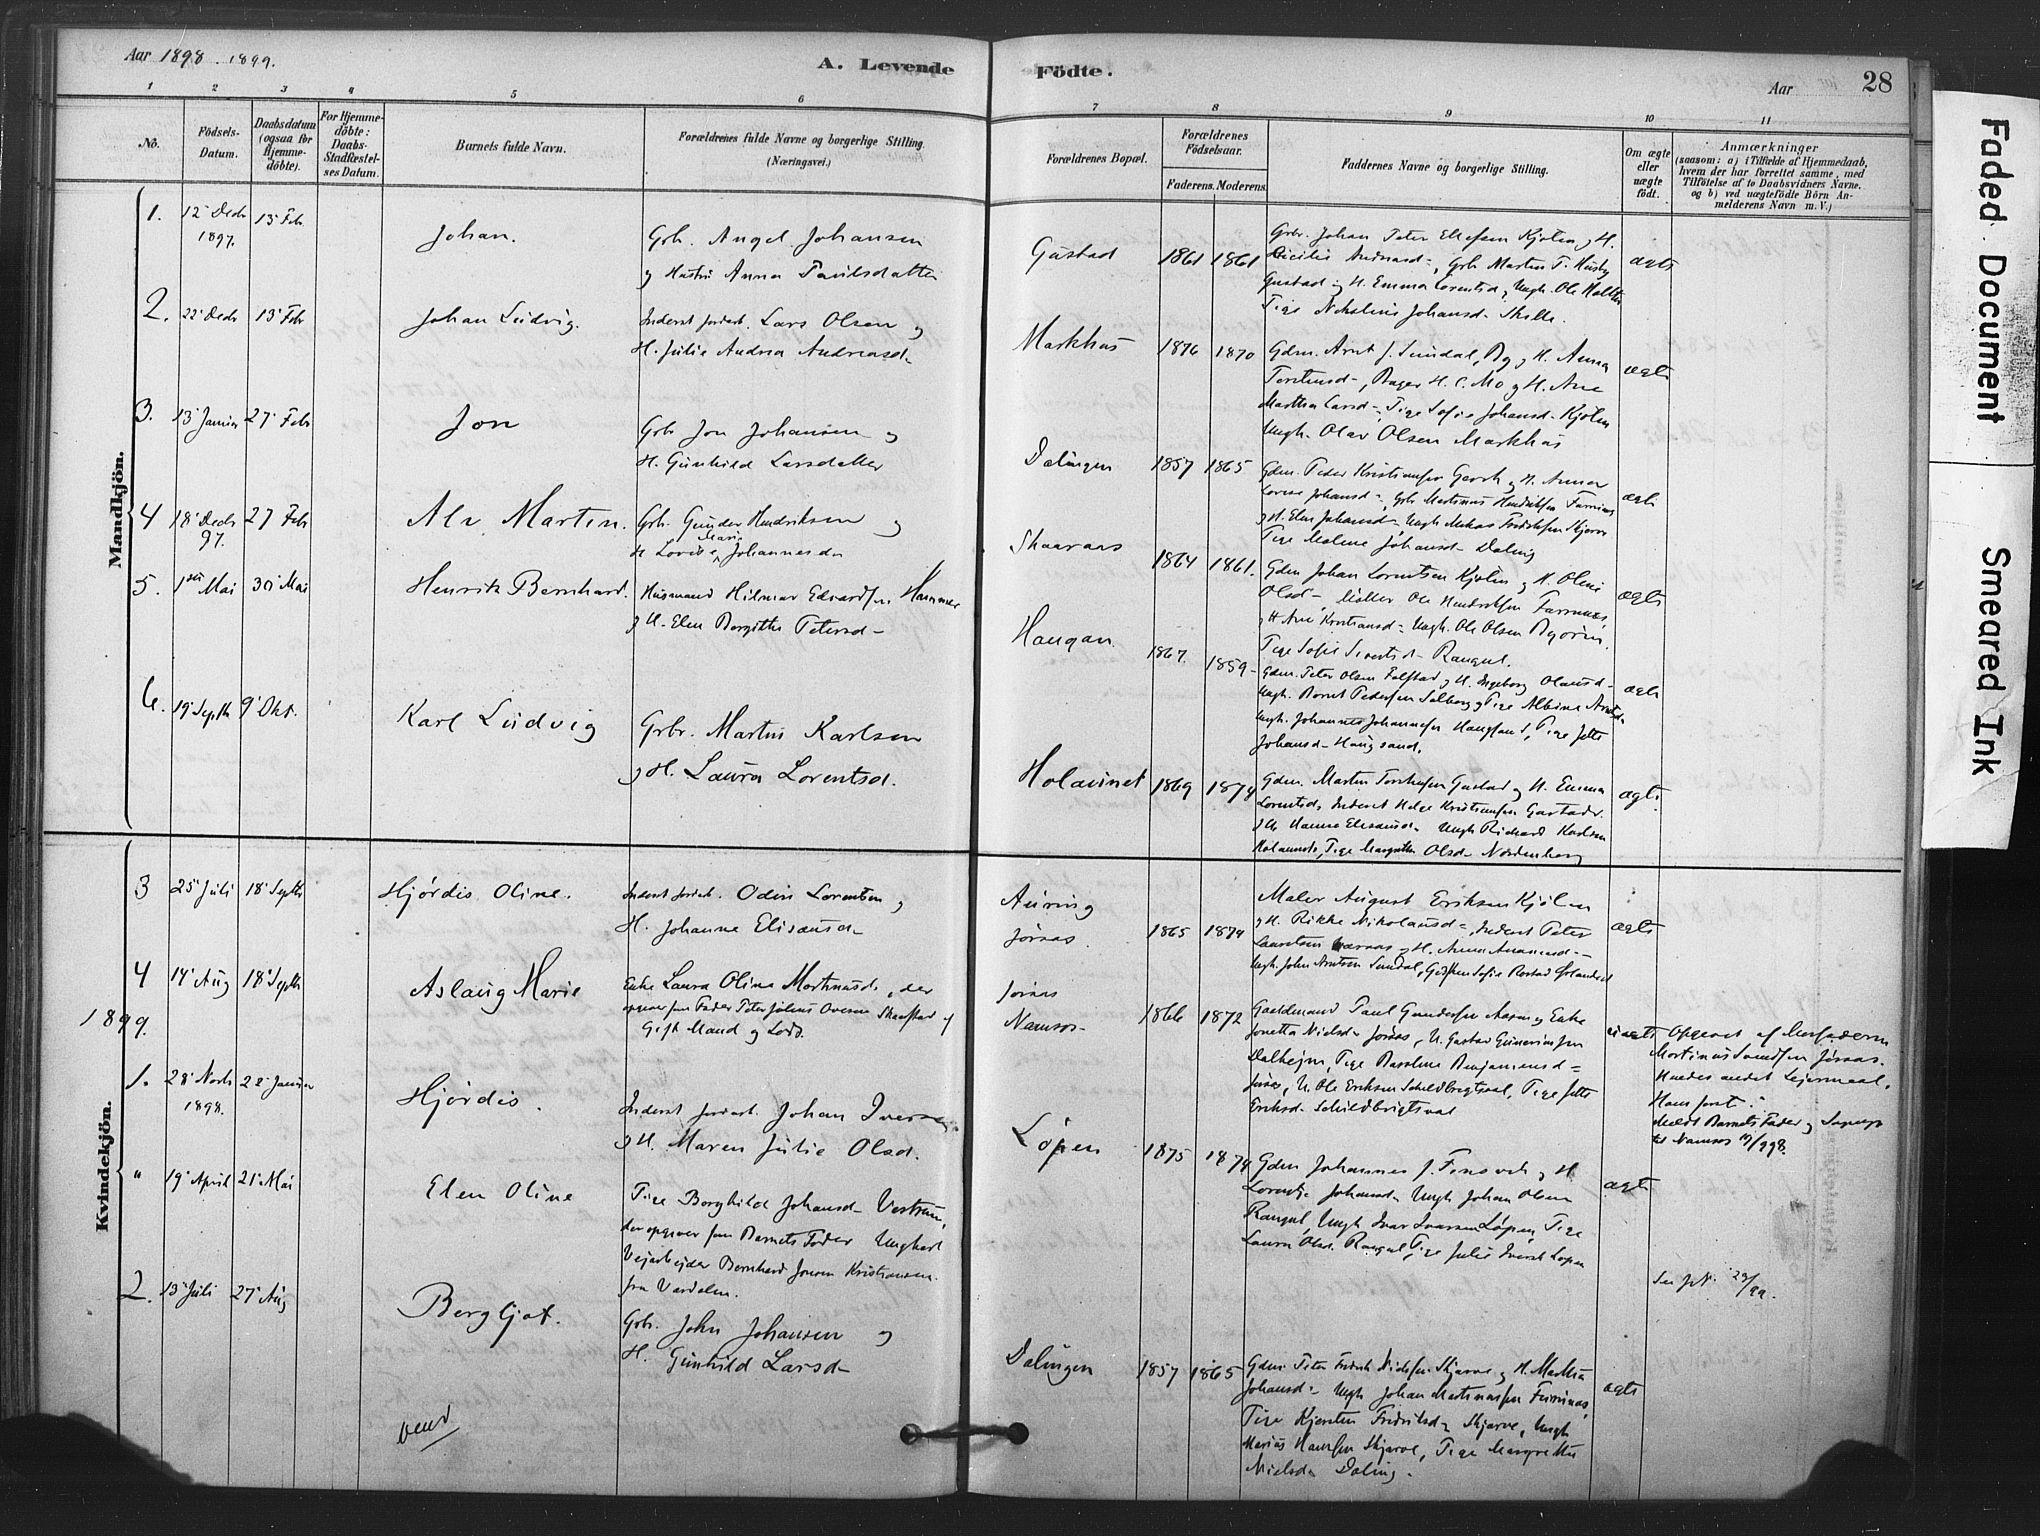 SAT, Ministerialprotokoller, klokkerbøker og fødselsregistre - Nord-Trøndelag, 719/L0178: Ministerialbok nr. 719A01, 1878-1900, s. 28